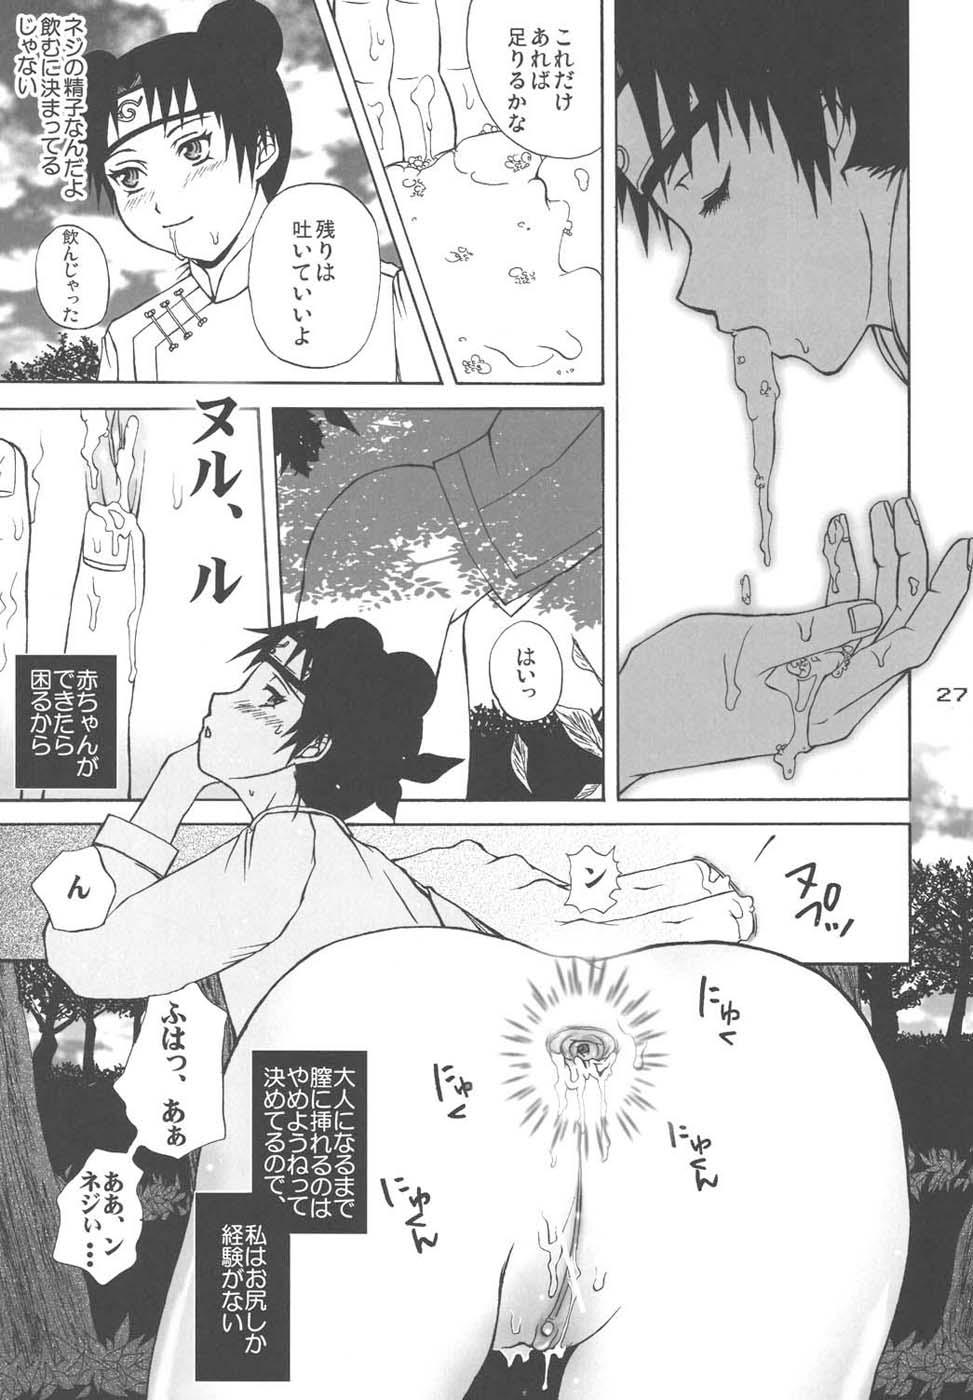 girls bravo hentai manga